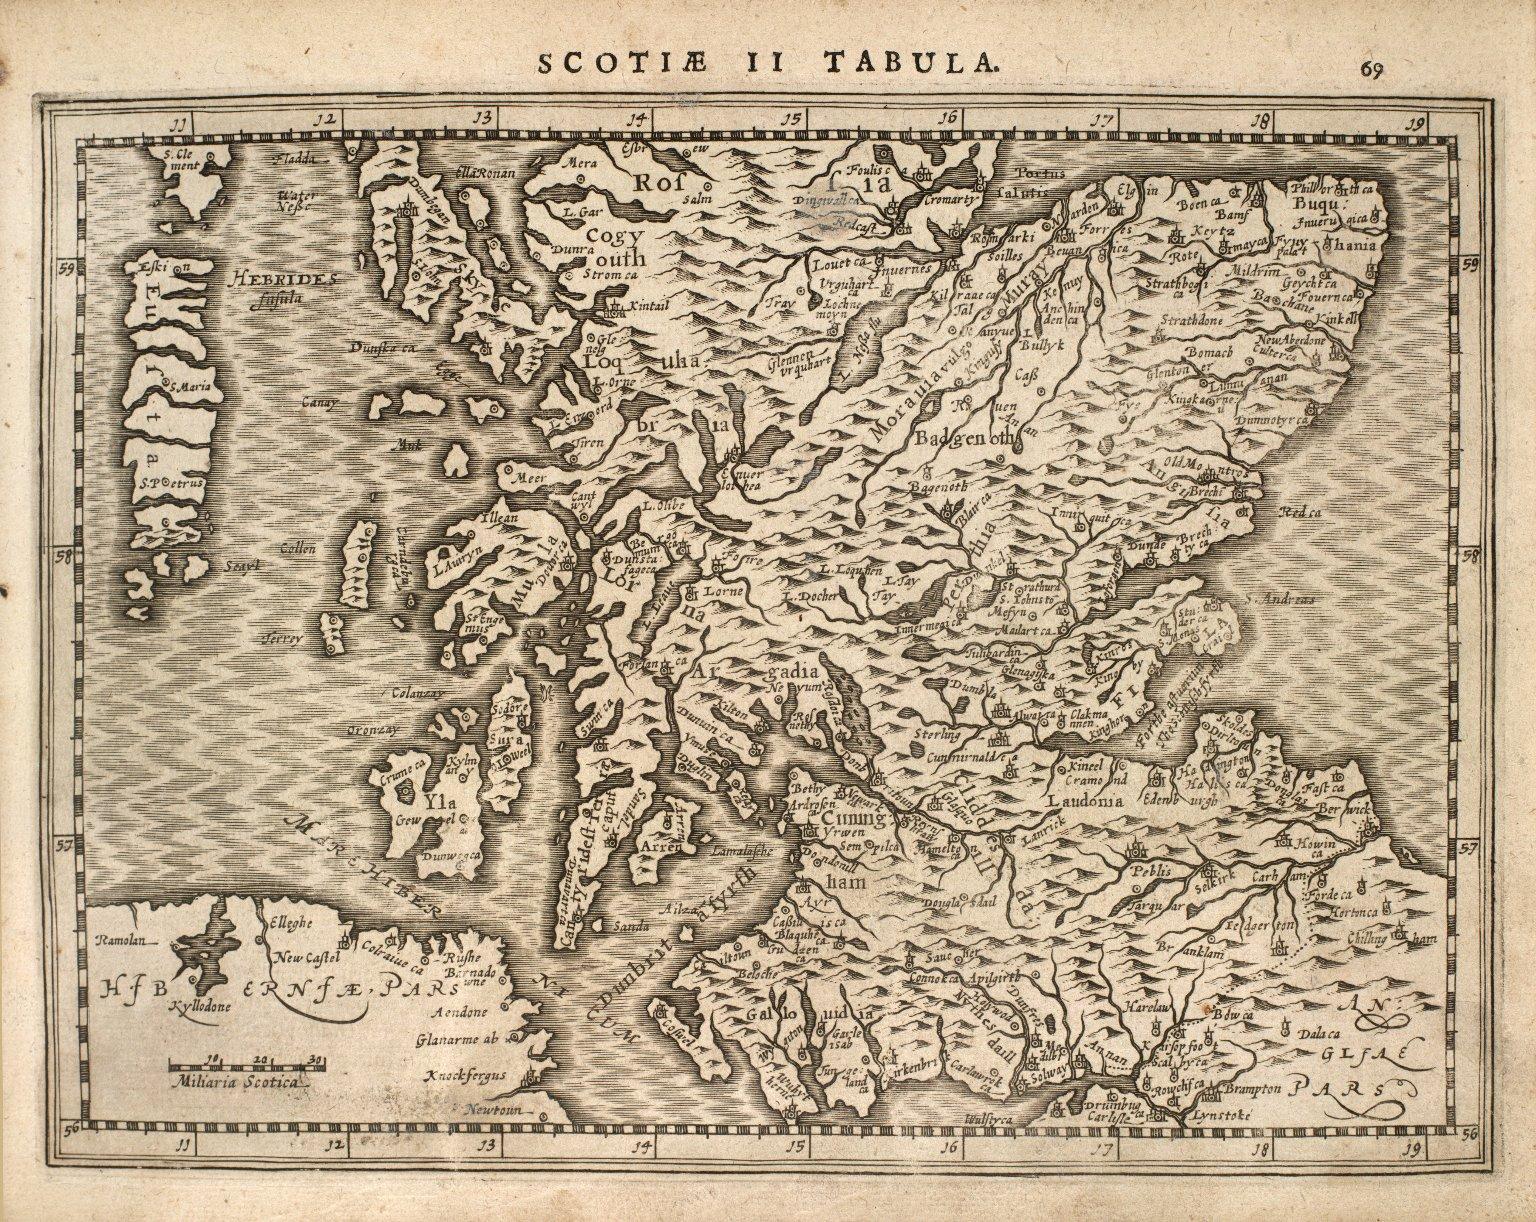 Scotiae II Tabula. [1 of 1]